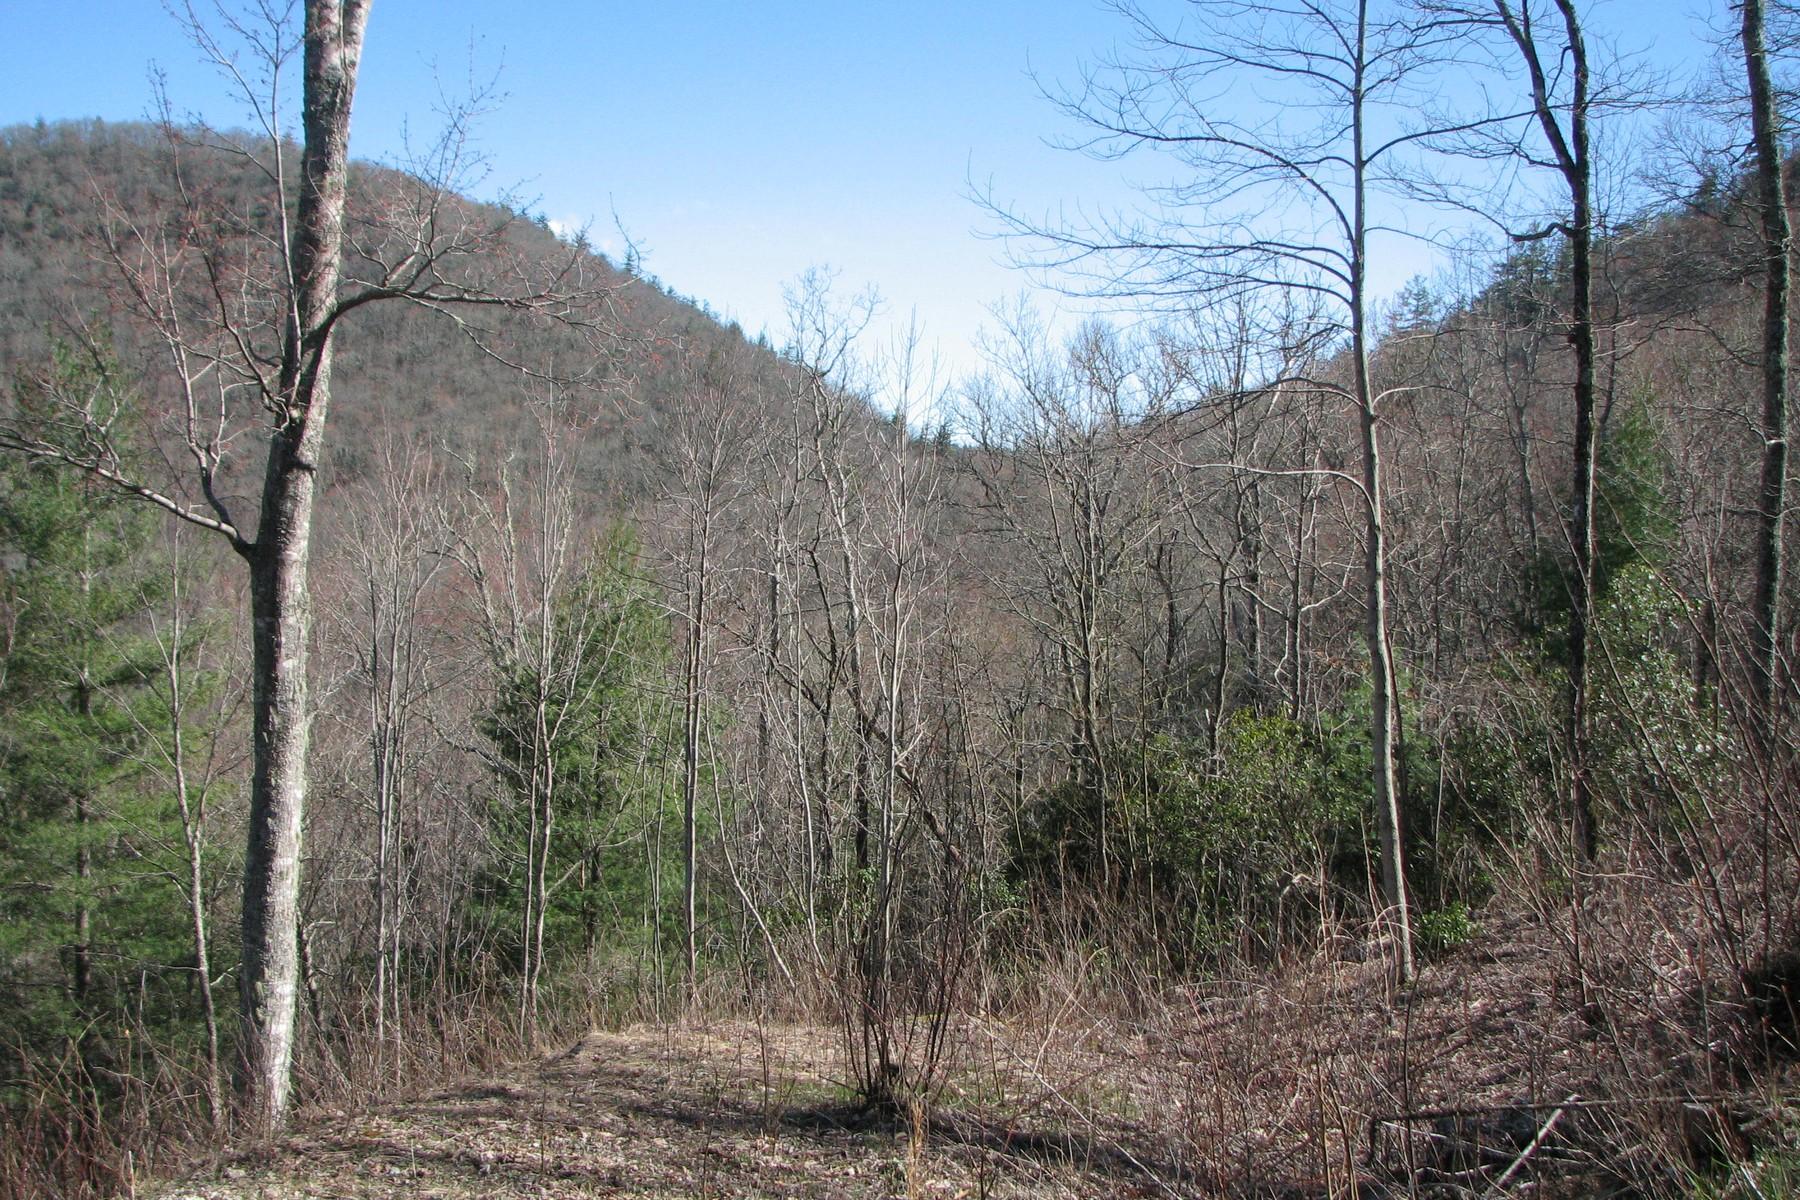 Land for Sale at The Ridges of Highlands Lot 5 Historic Highlands Drive Highlands, North Carolina, 28741 United States